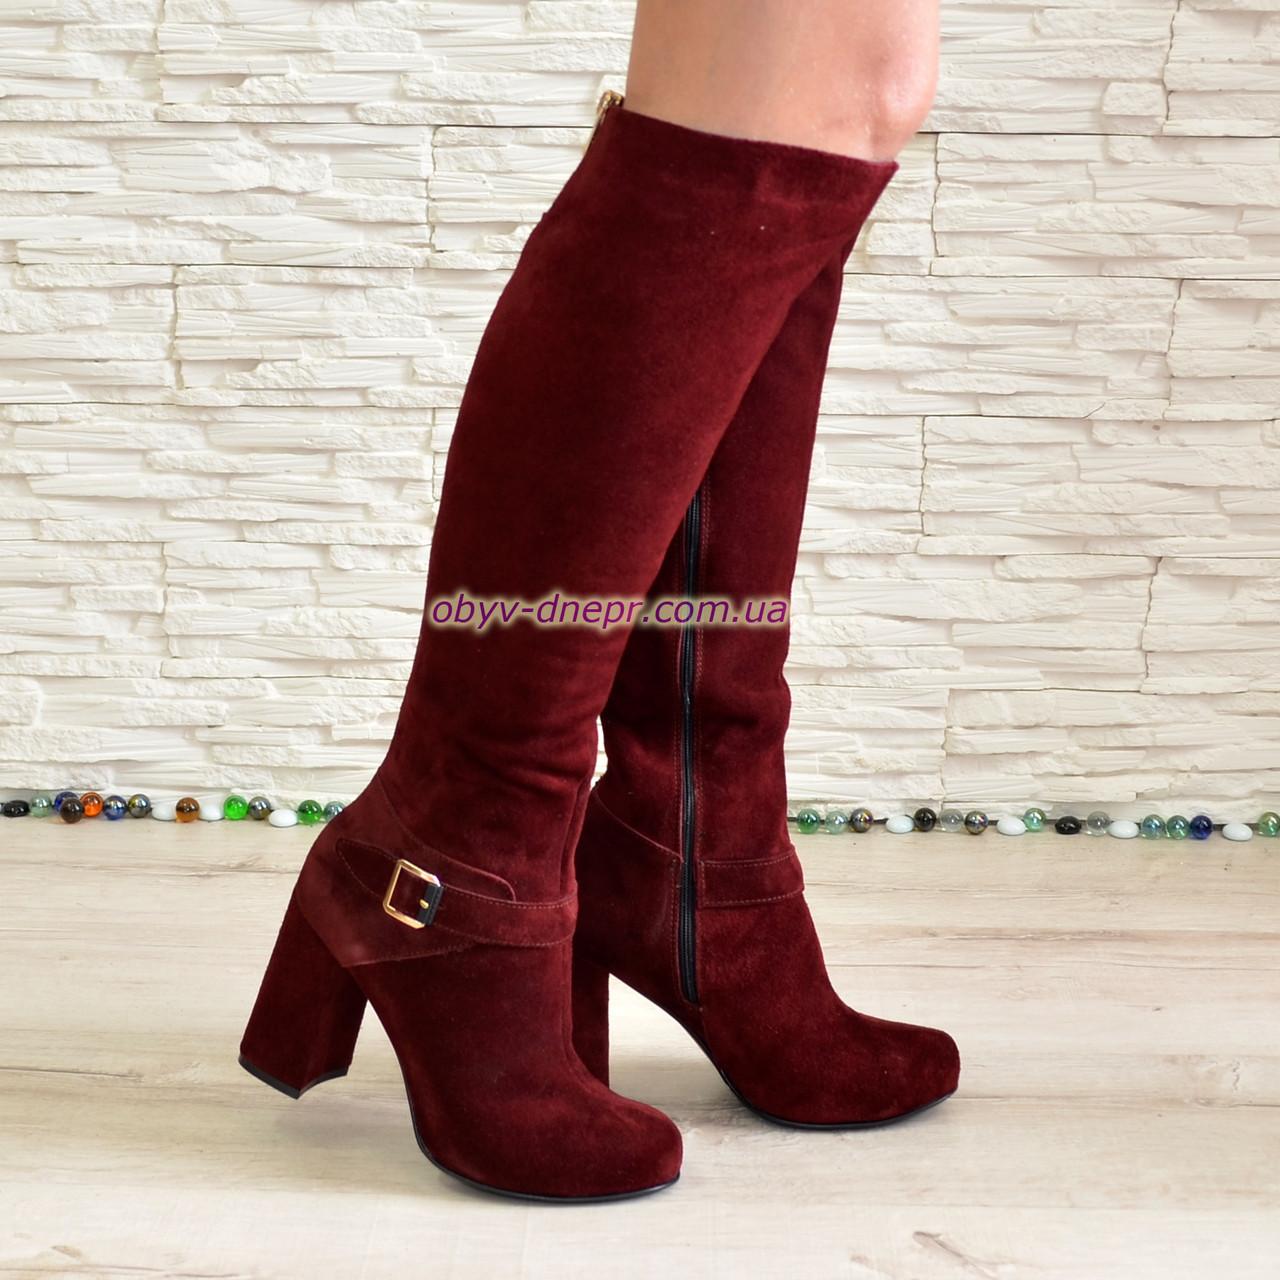 Високі замшеві чоботи на стійкому каблуці, колір бордо